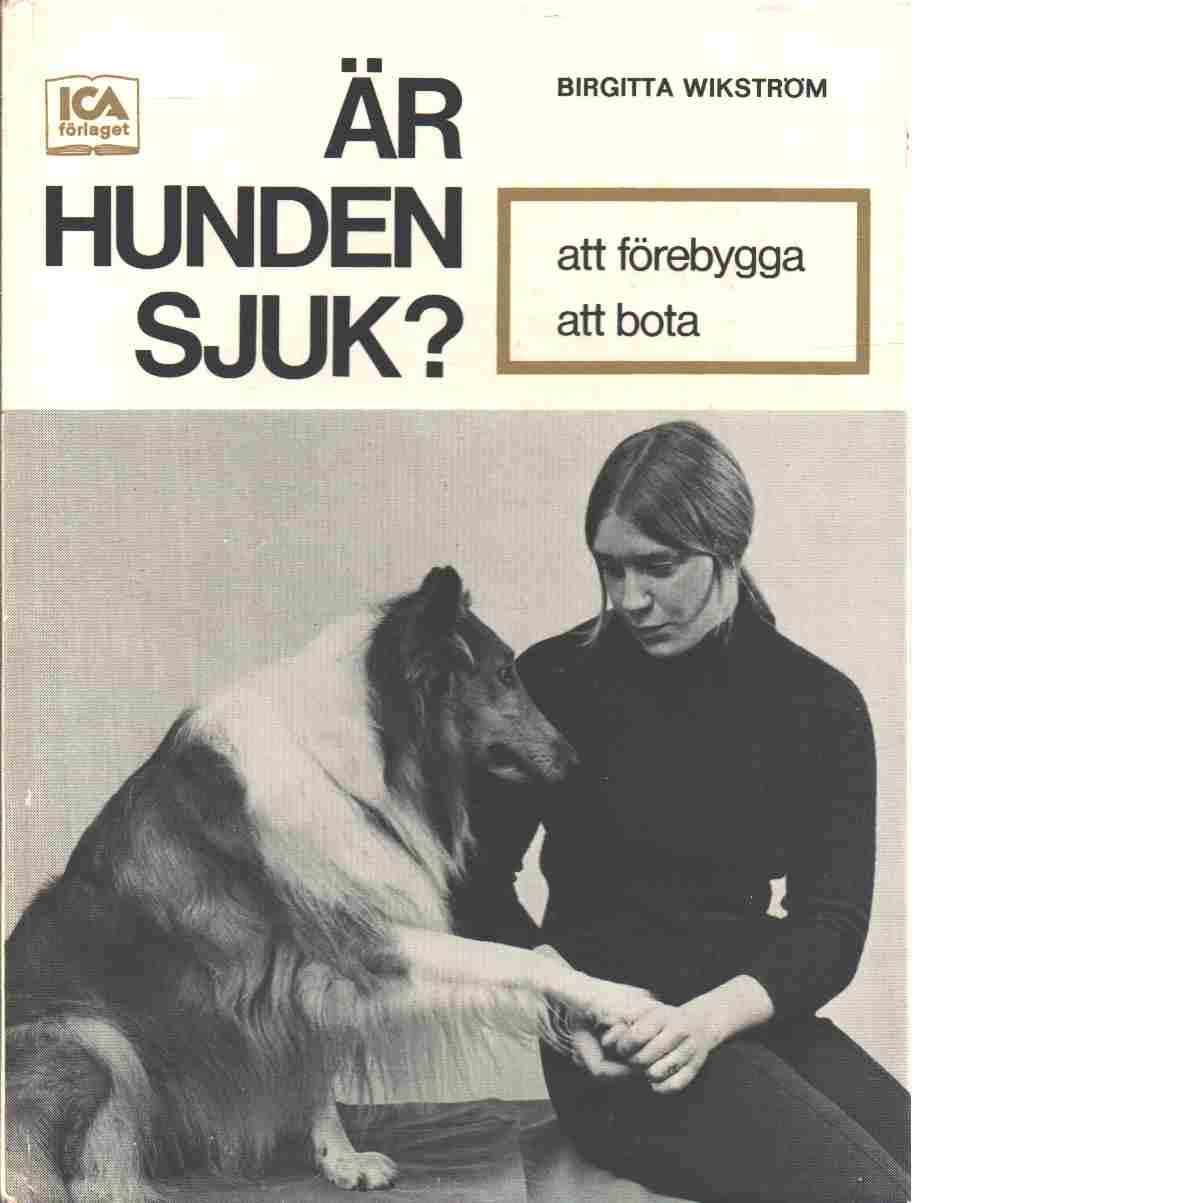 Är hunden sjuk? : [att förebygga, att bota] - Wikström, Birgitta